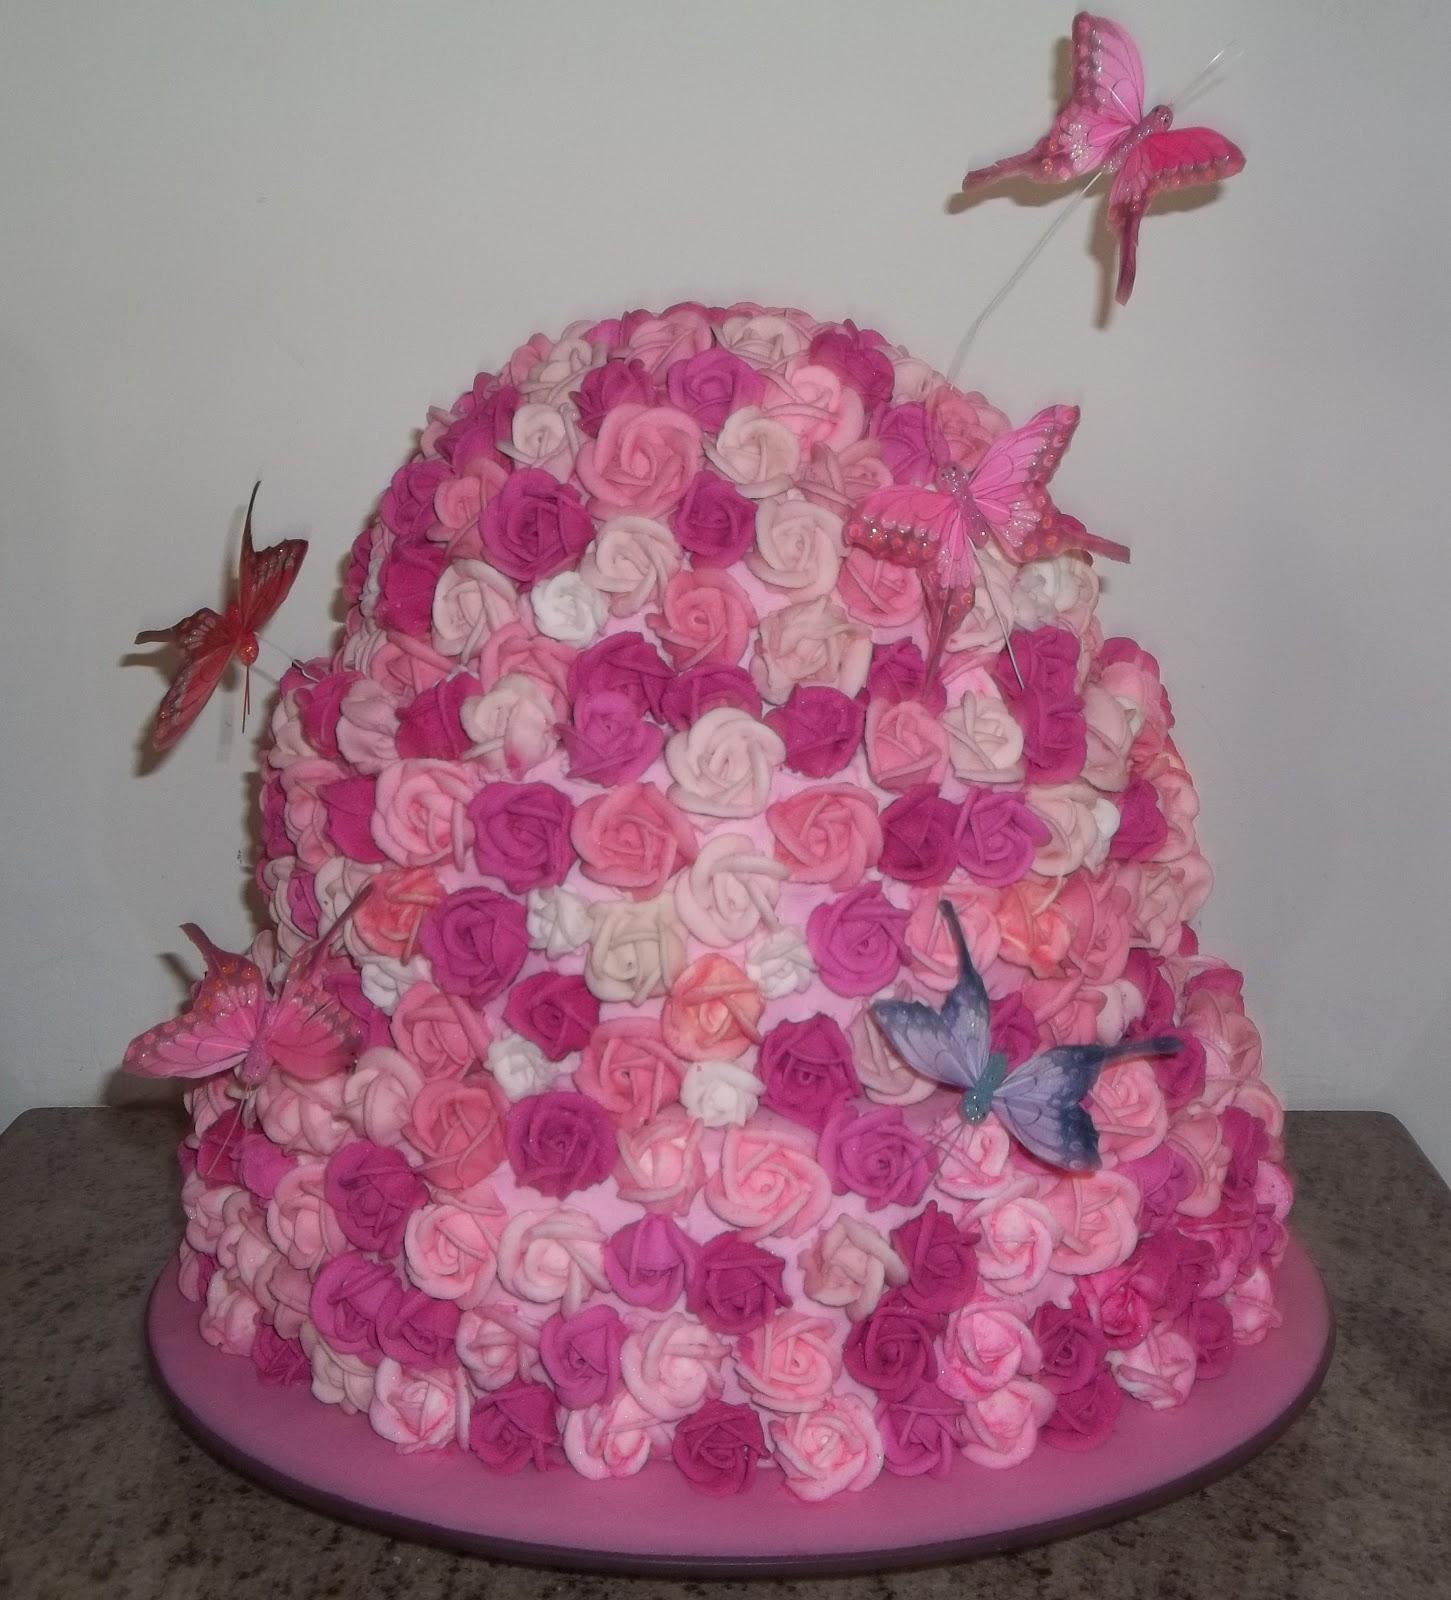 Bolos loura caldas bolo com flores e borboletas refn 480 um show este bolo todo de flores com borboletas nos tons pink e rosa altavistaventures Image collections